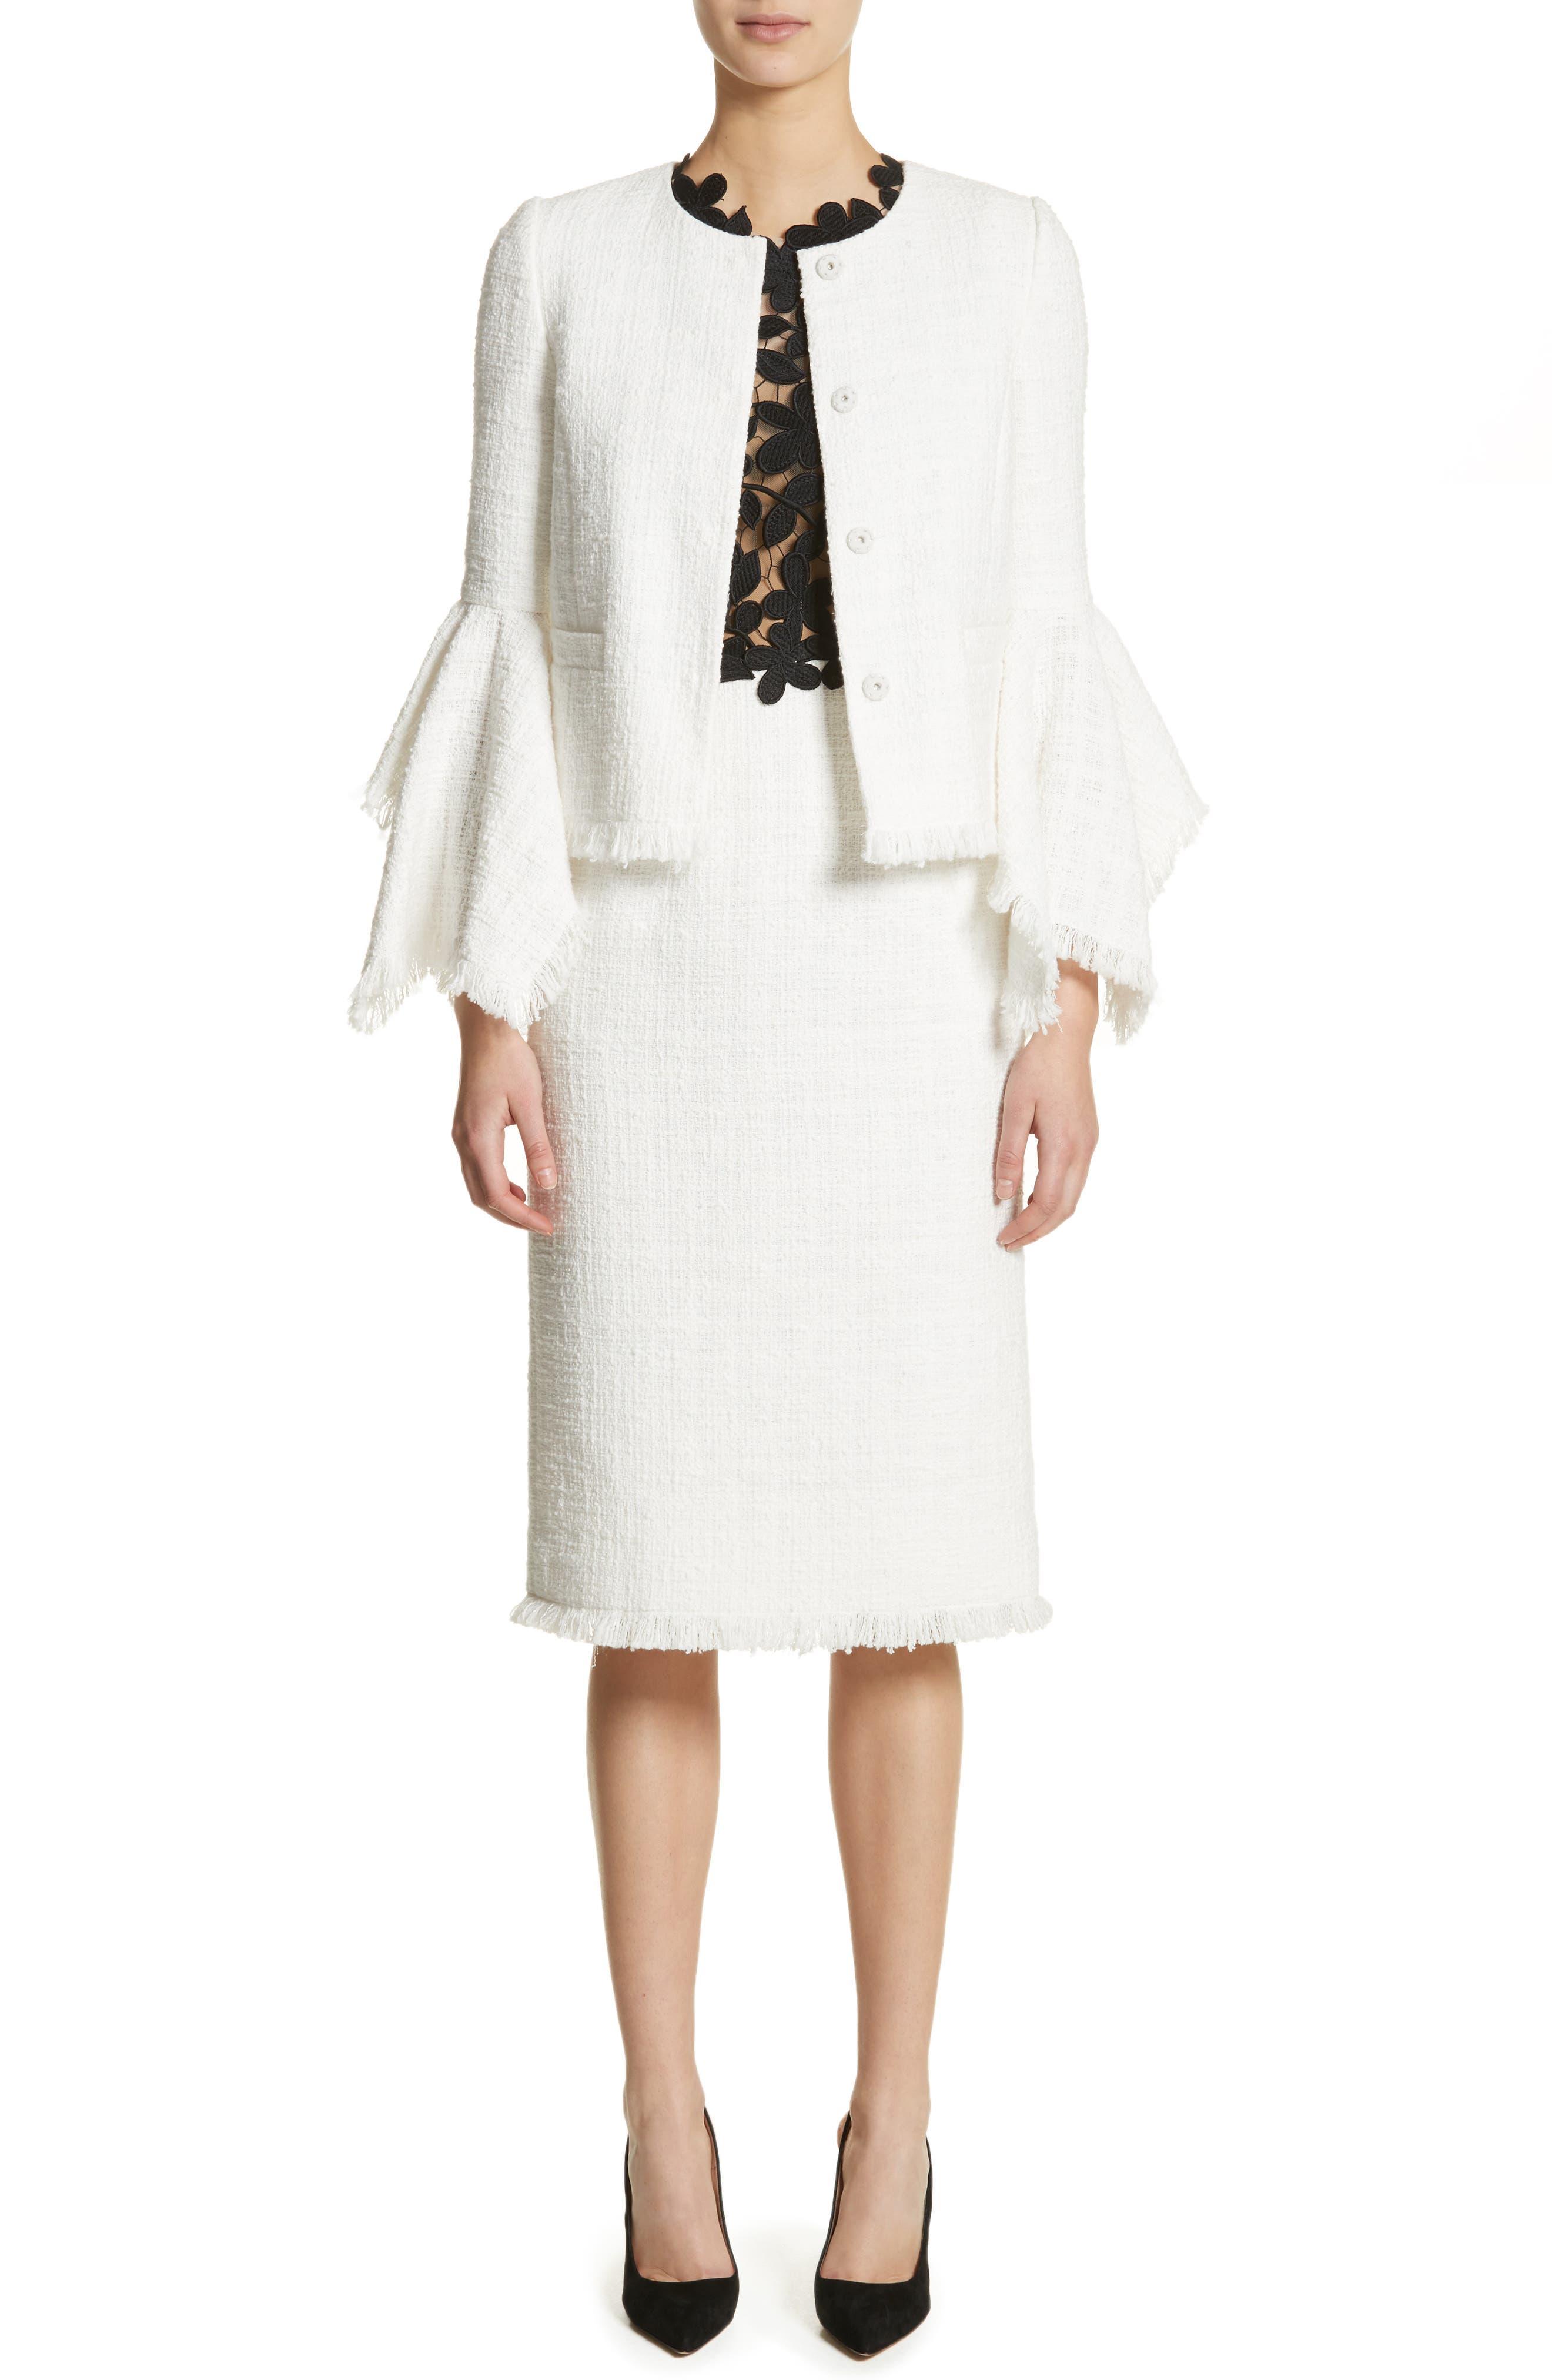 Lace Bodice Sheath Dress,                             Alternate thumbnail 8, color,                             Black/ White